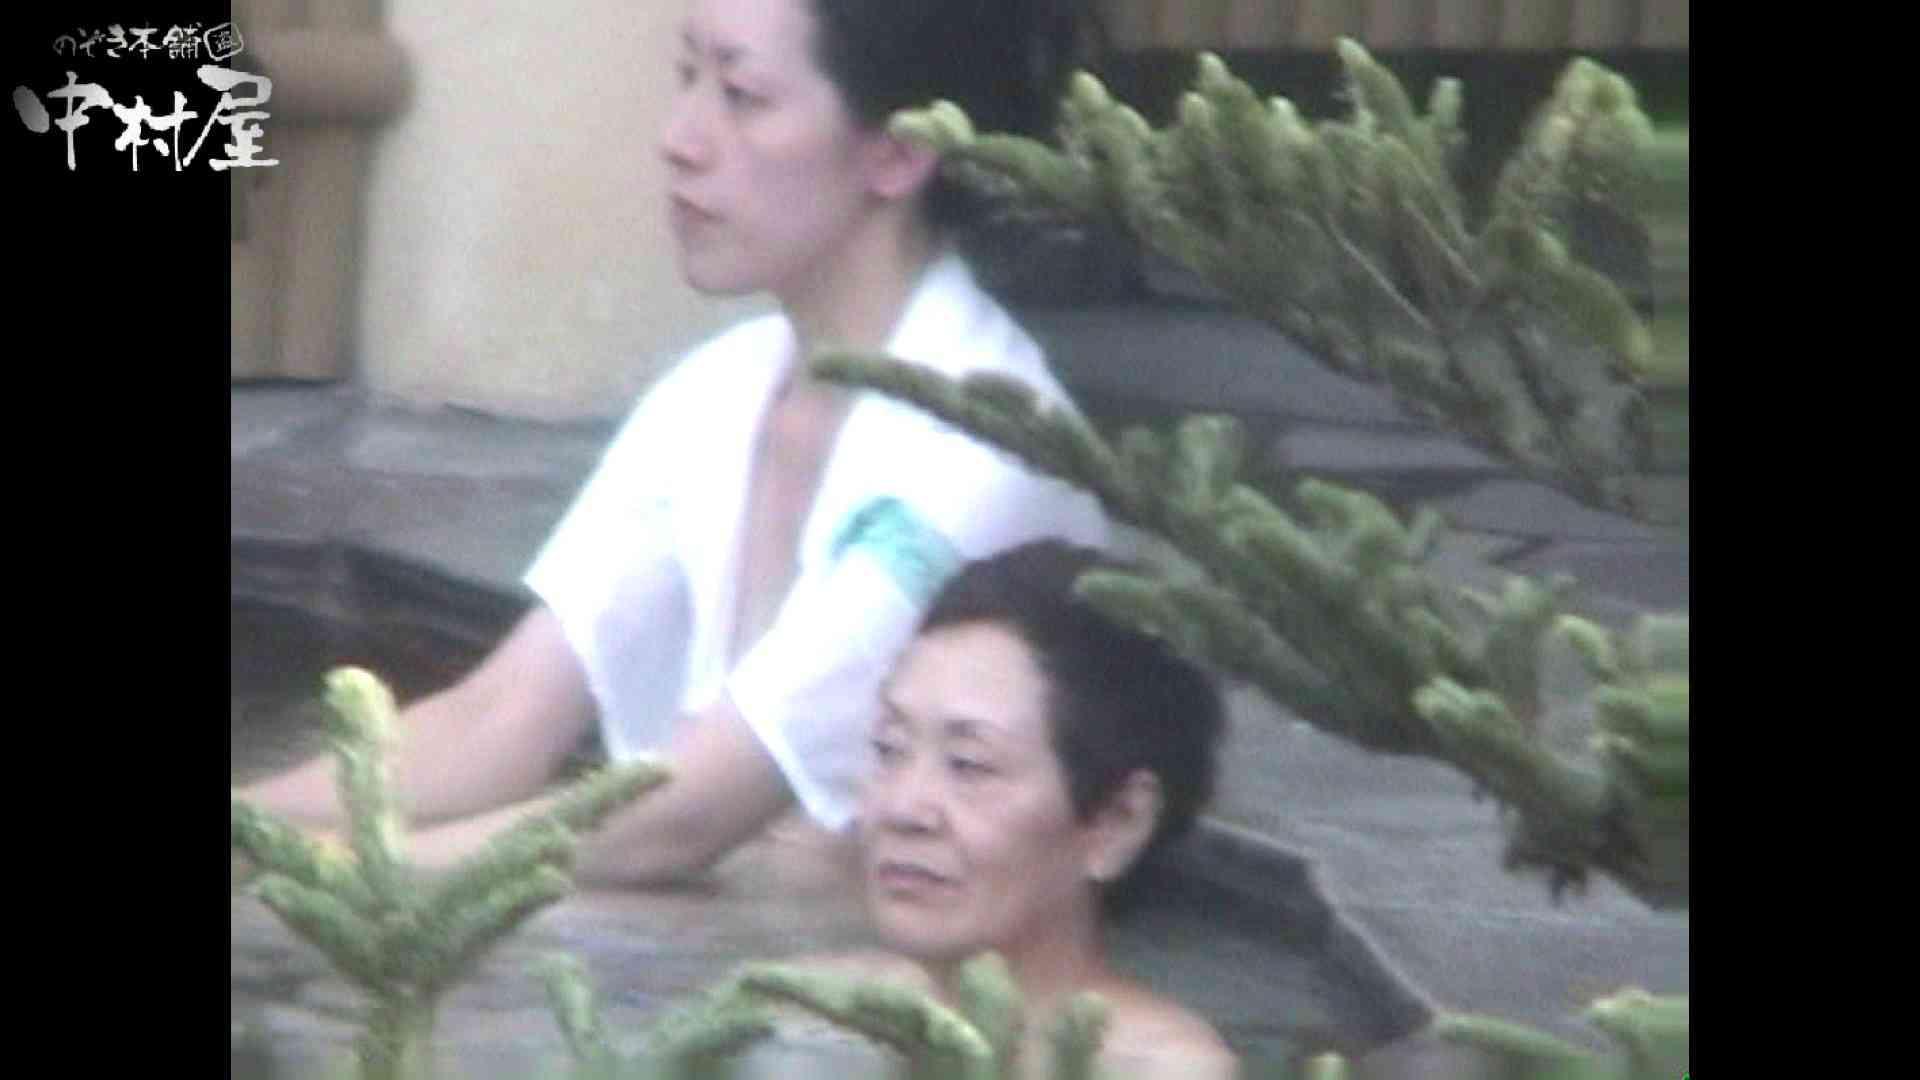 Aquaな露天風呂Vol.960 盗撮  65画像 15